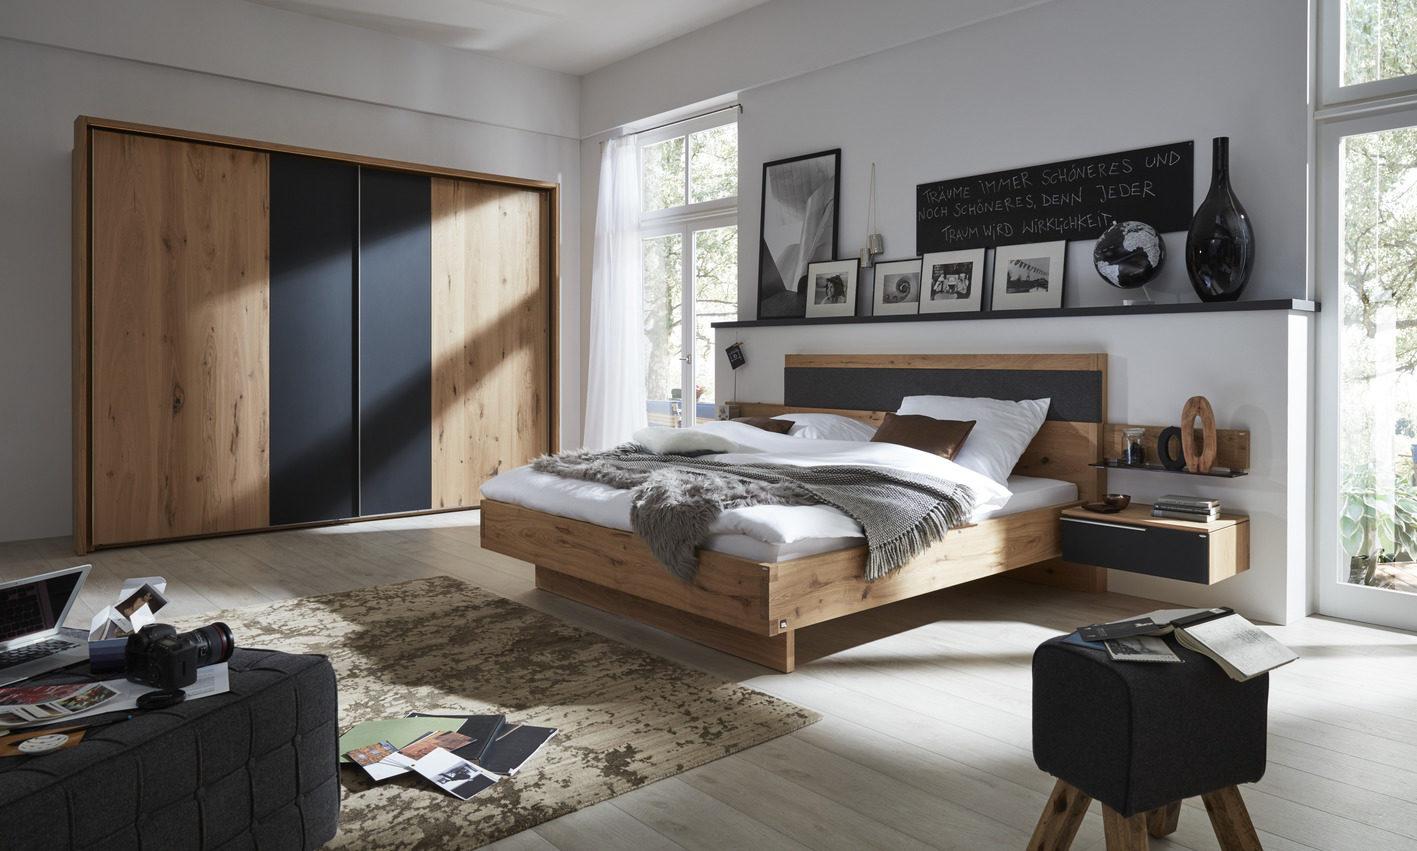 Möbel Böck, Räume, Wohnzimmer, Regale + Raumteiler ...